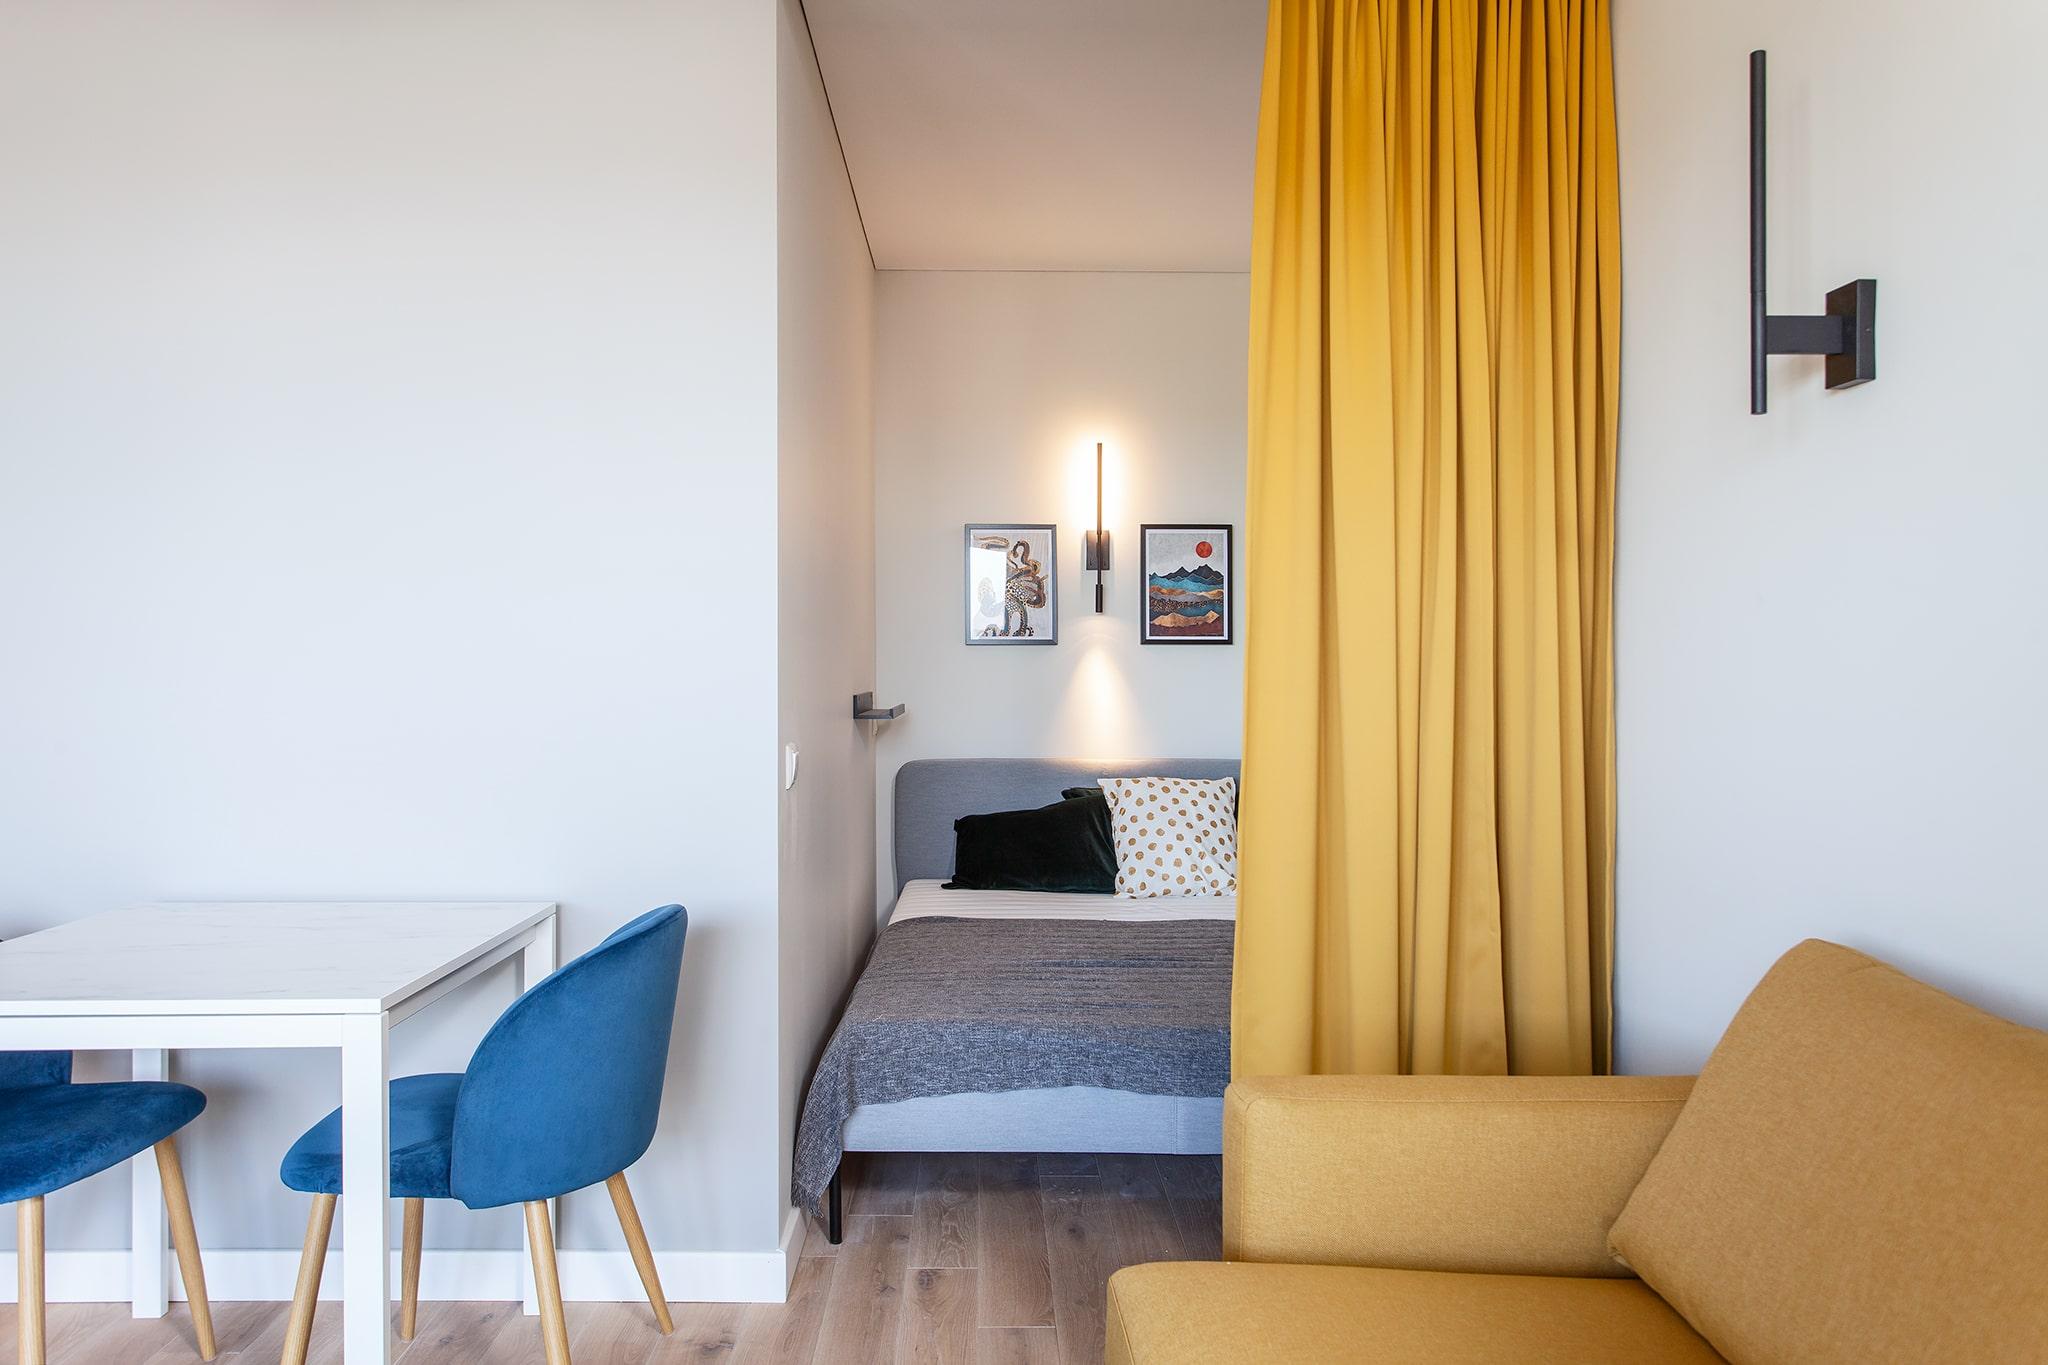 Poilso ir laisvalaikio erdvė yra sujungta su virtuve bei atskirta miego zona